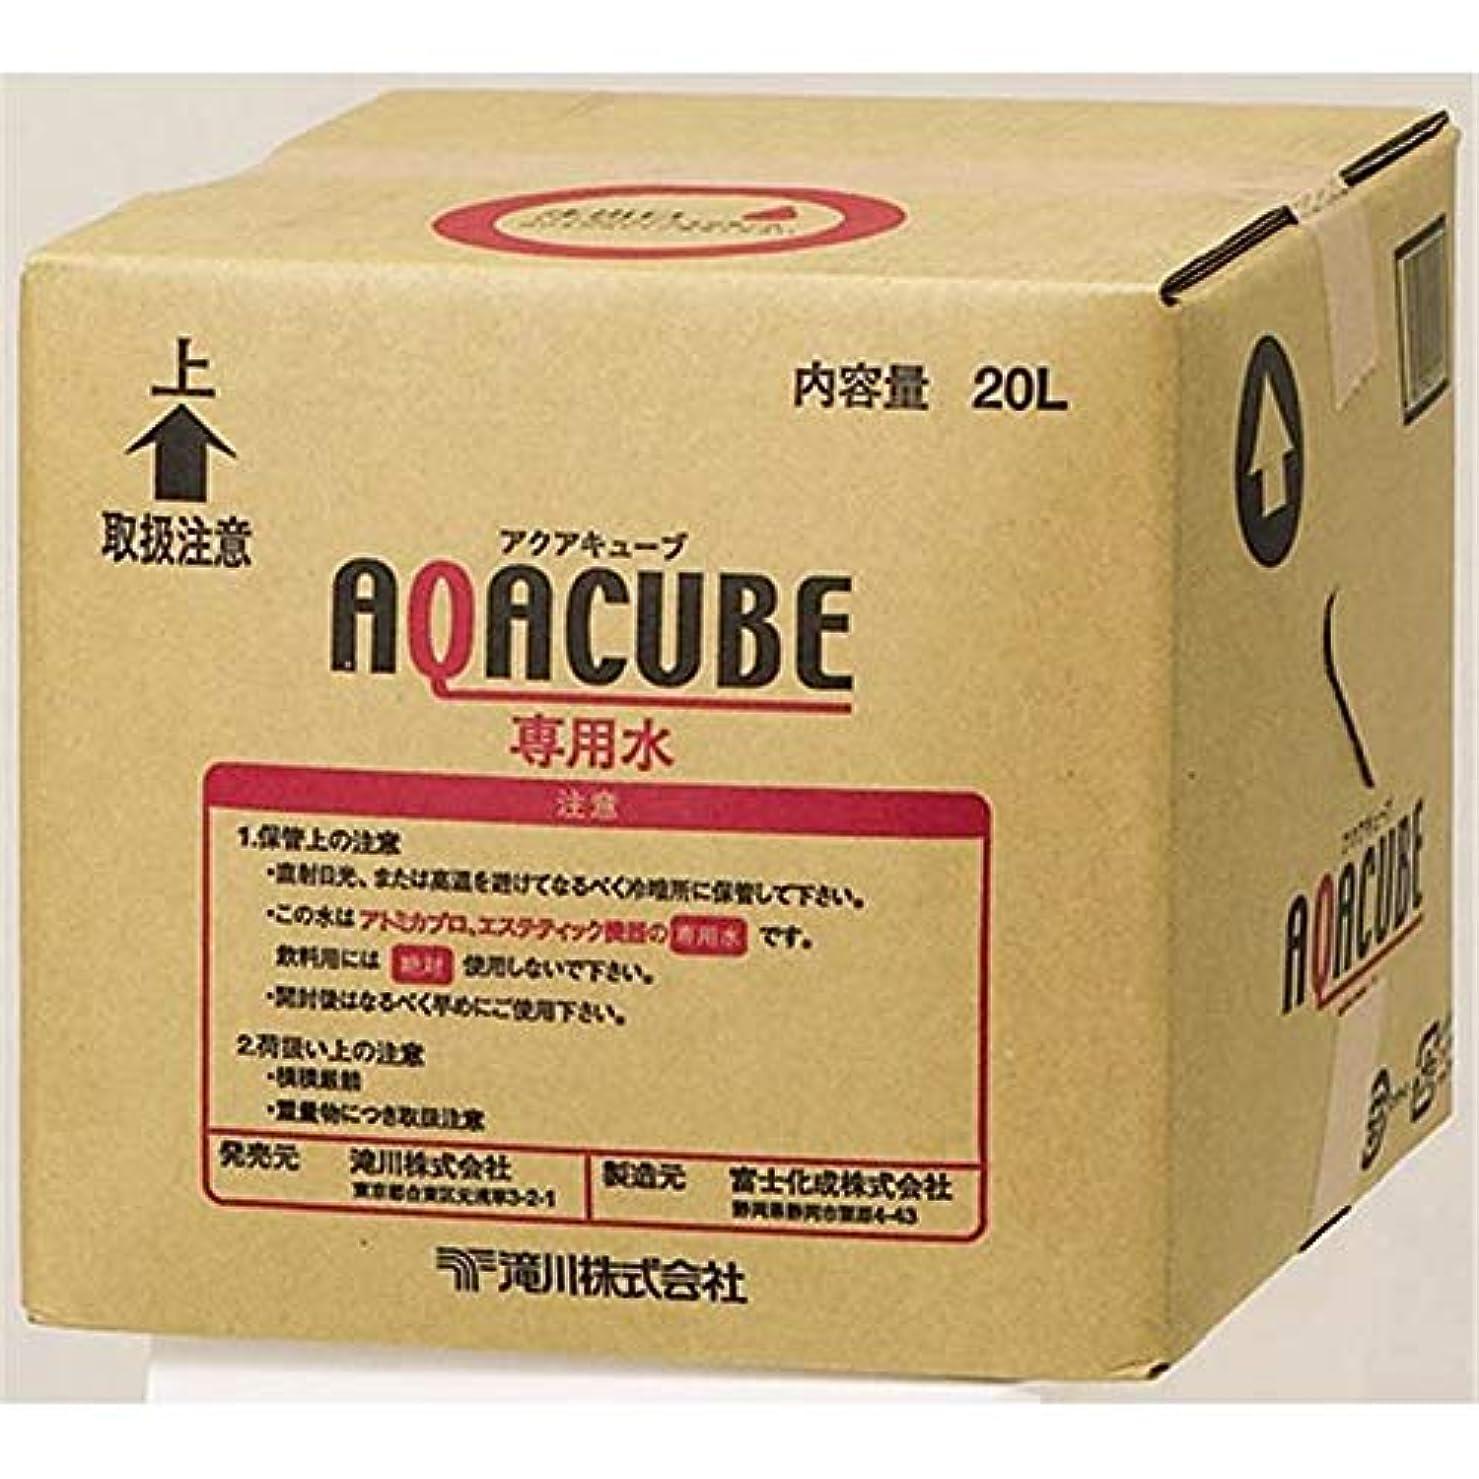 同封するマラドロイトパートナーアクアキューブ(精製水) 20L